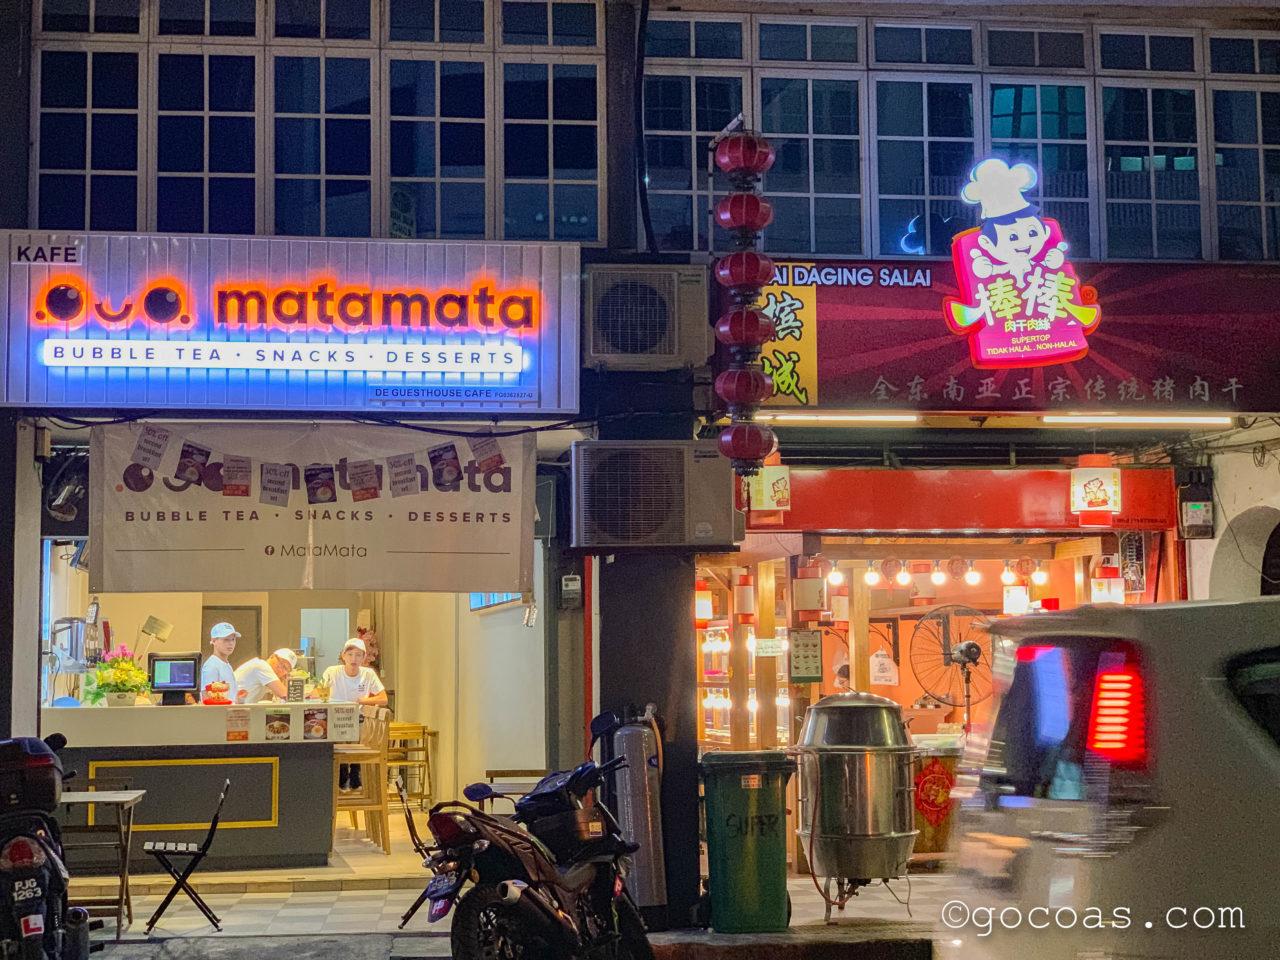 夜のペナン島の街中でみたmatamataと棒棒の看板